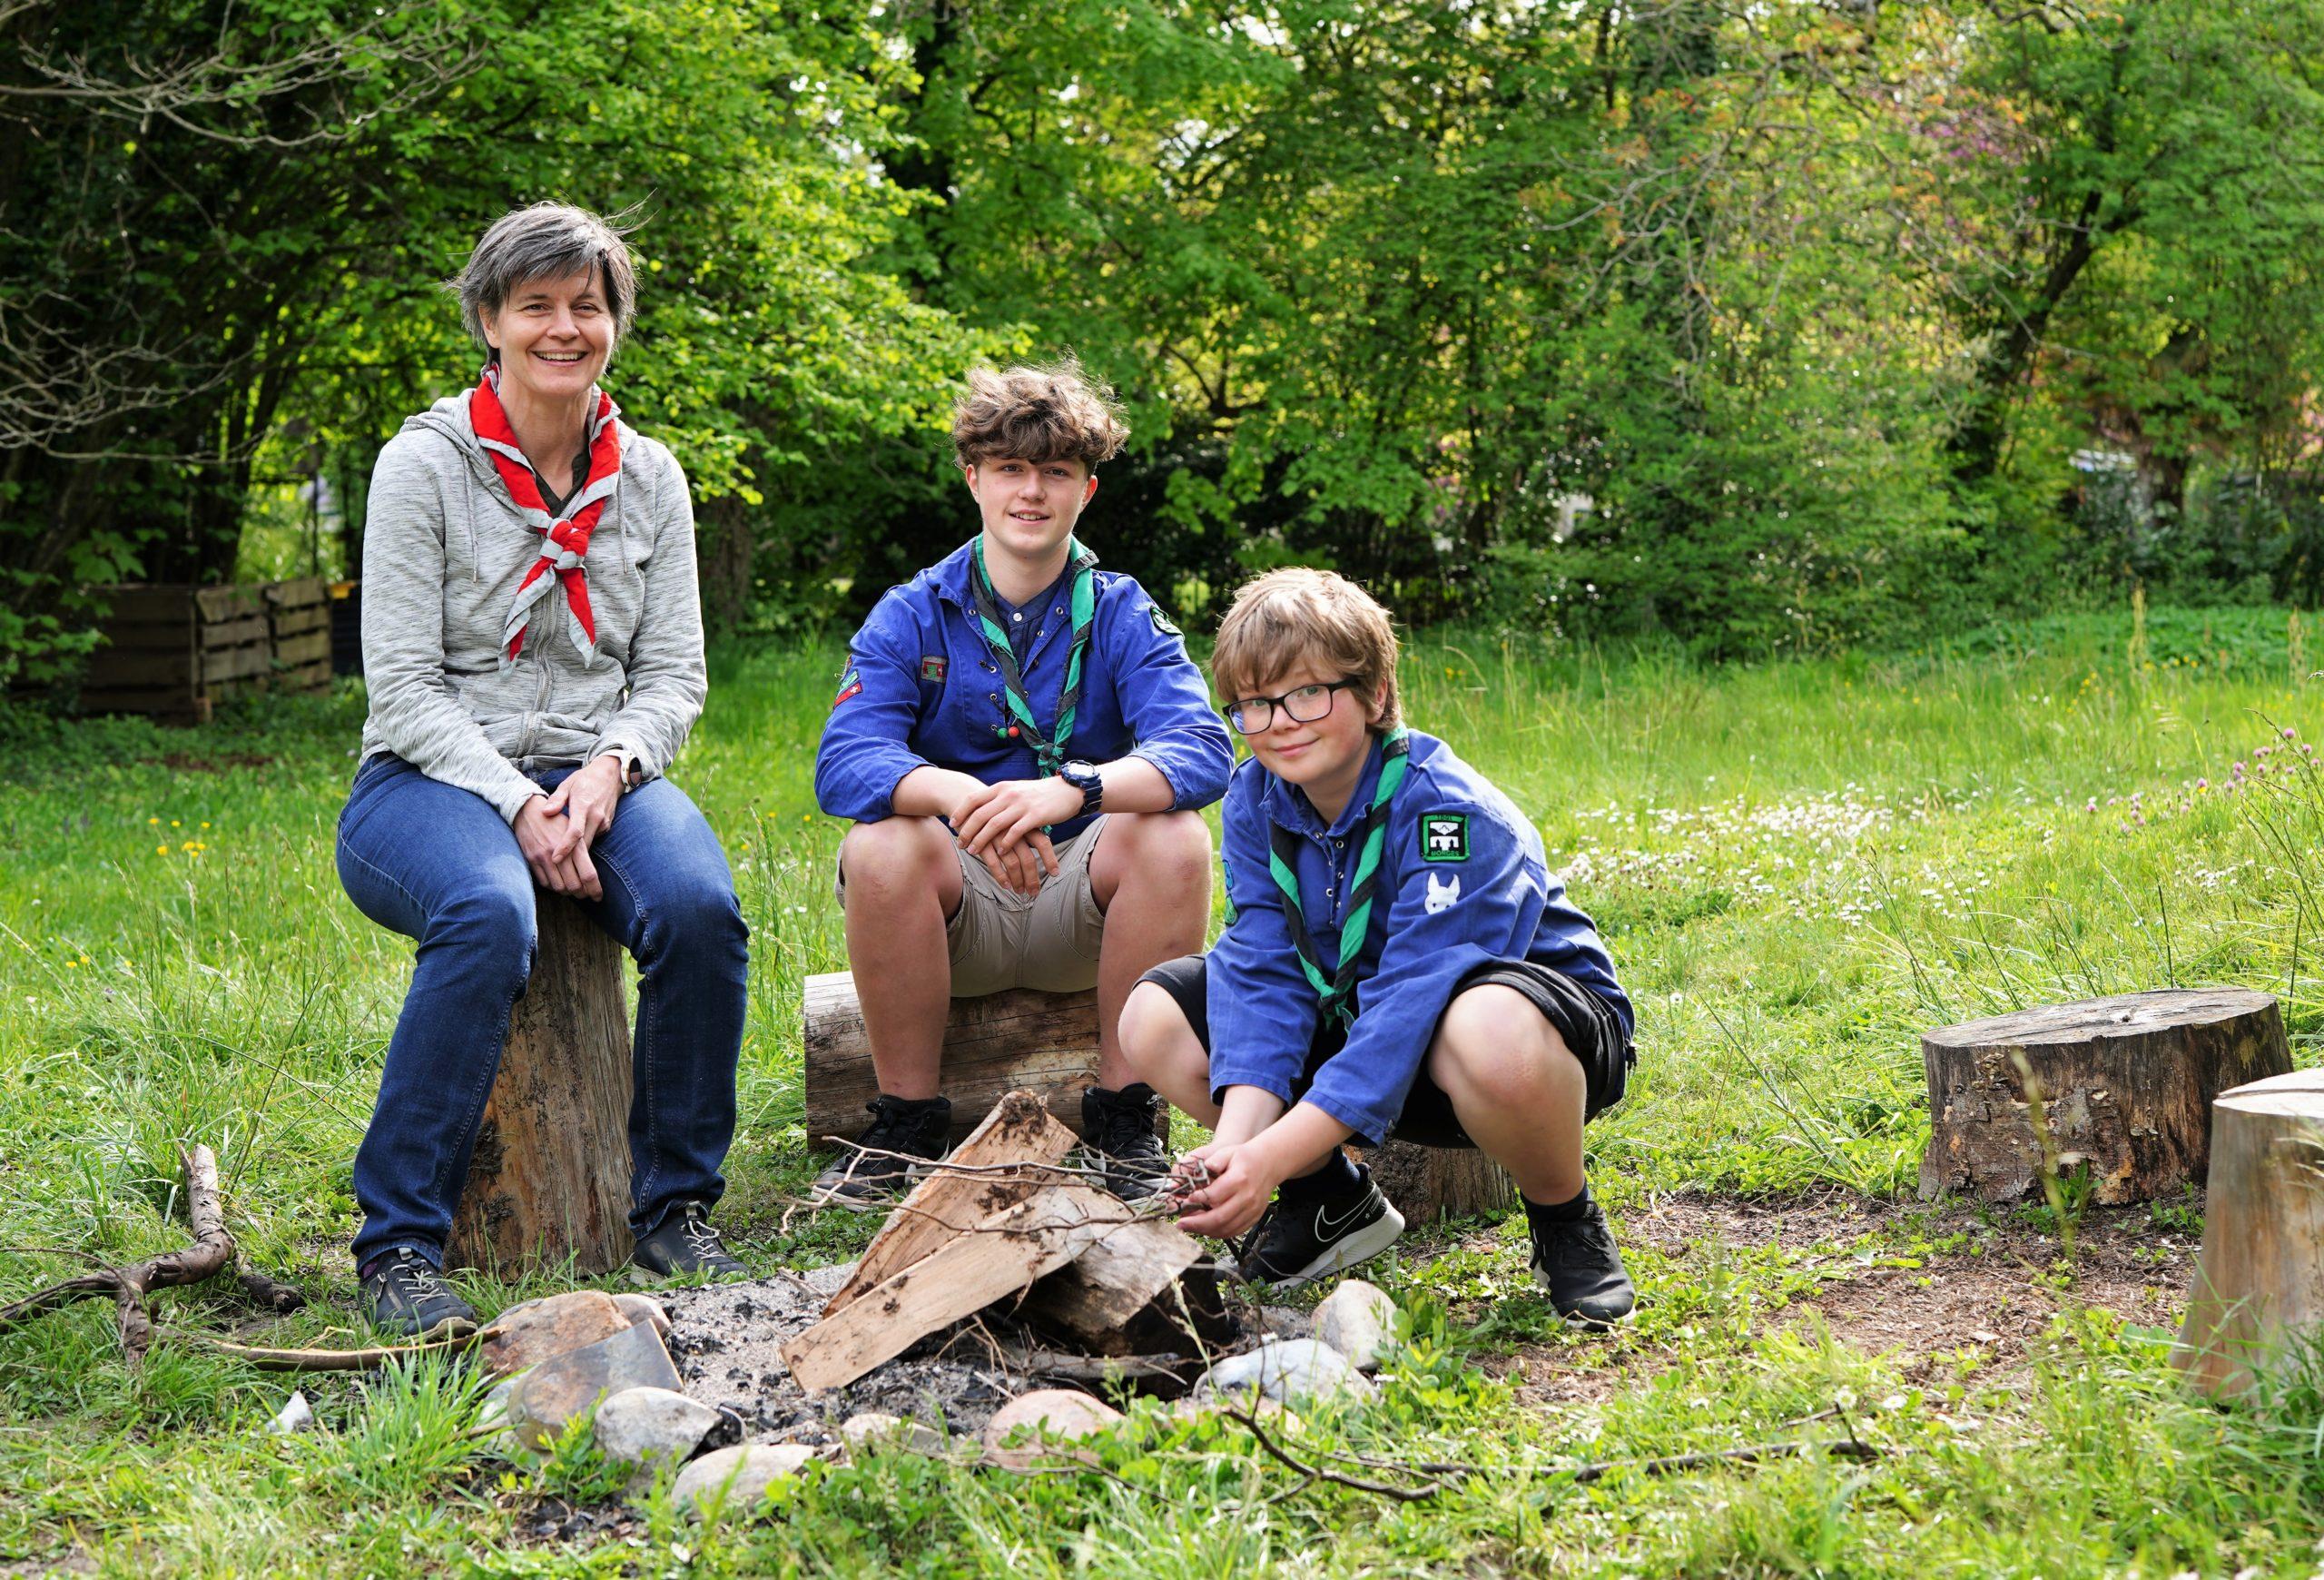 Le scoutisme, une tradition familiale